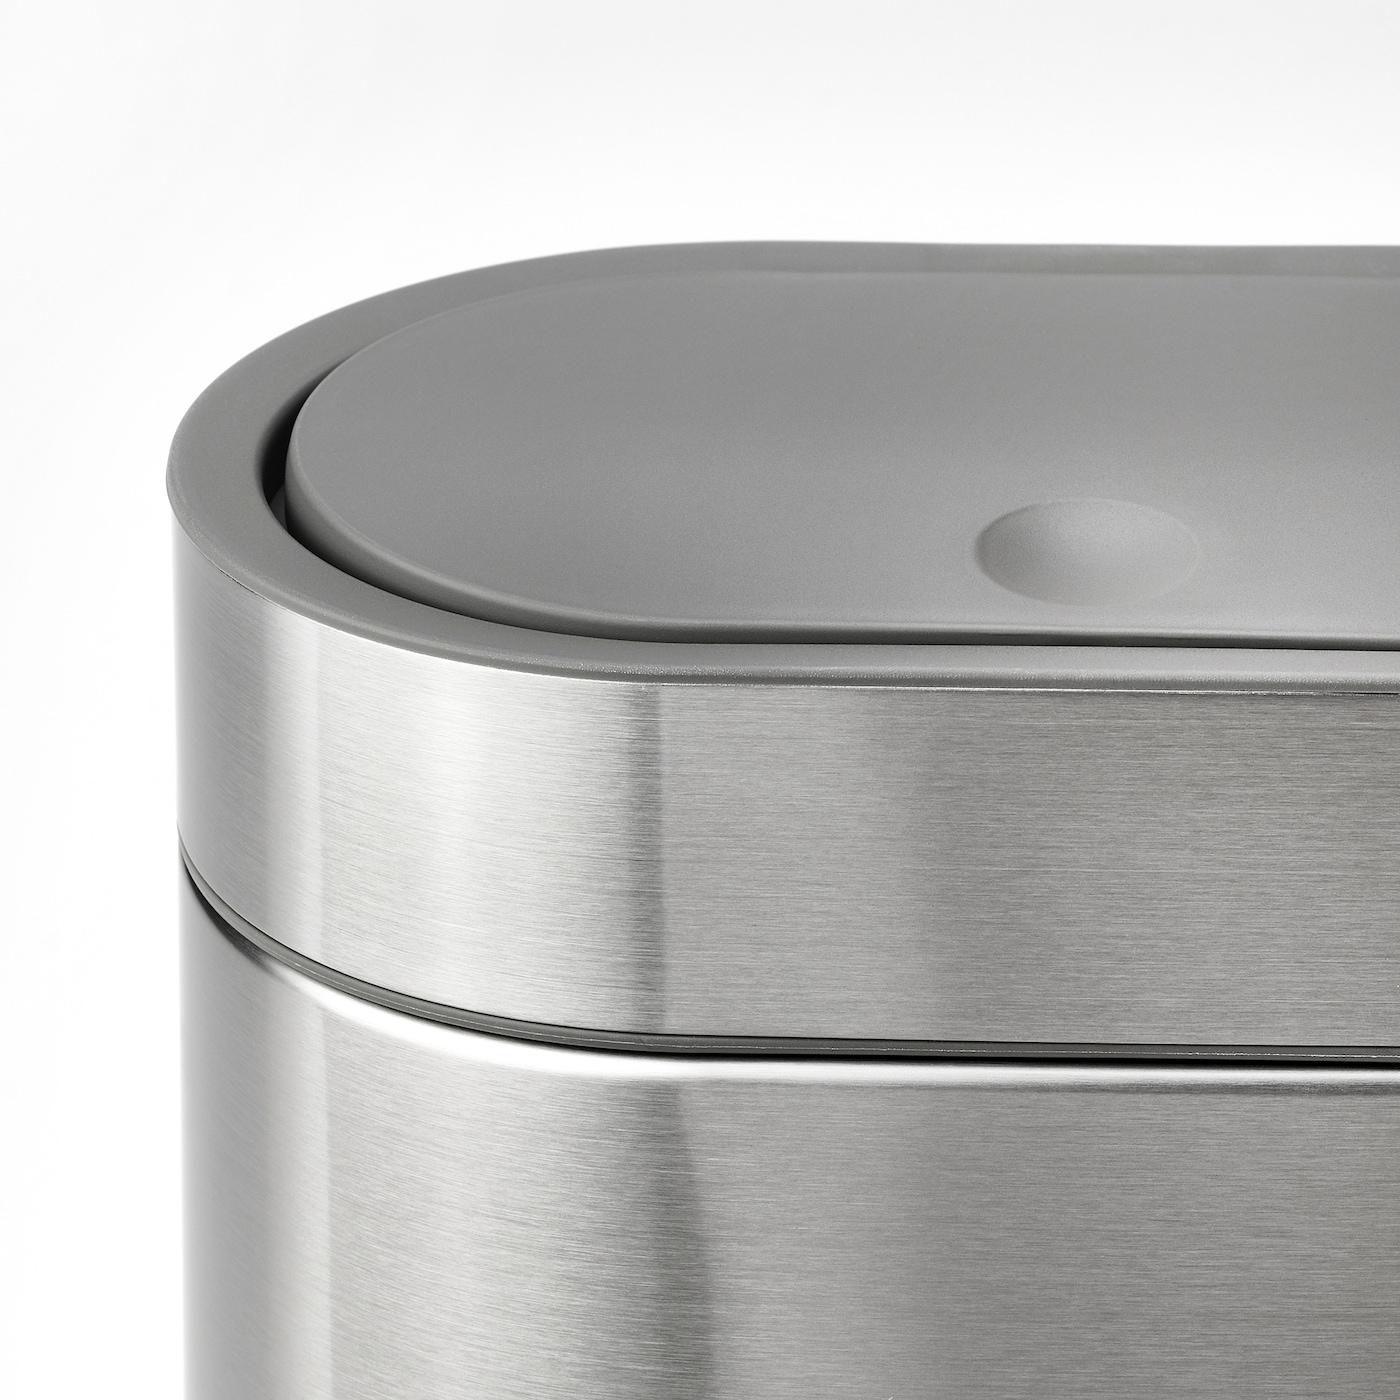 БРОГРУНД контейнер для сміття з кришкою нержавіюча сталь 21 см 14 см 27 см 4 л